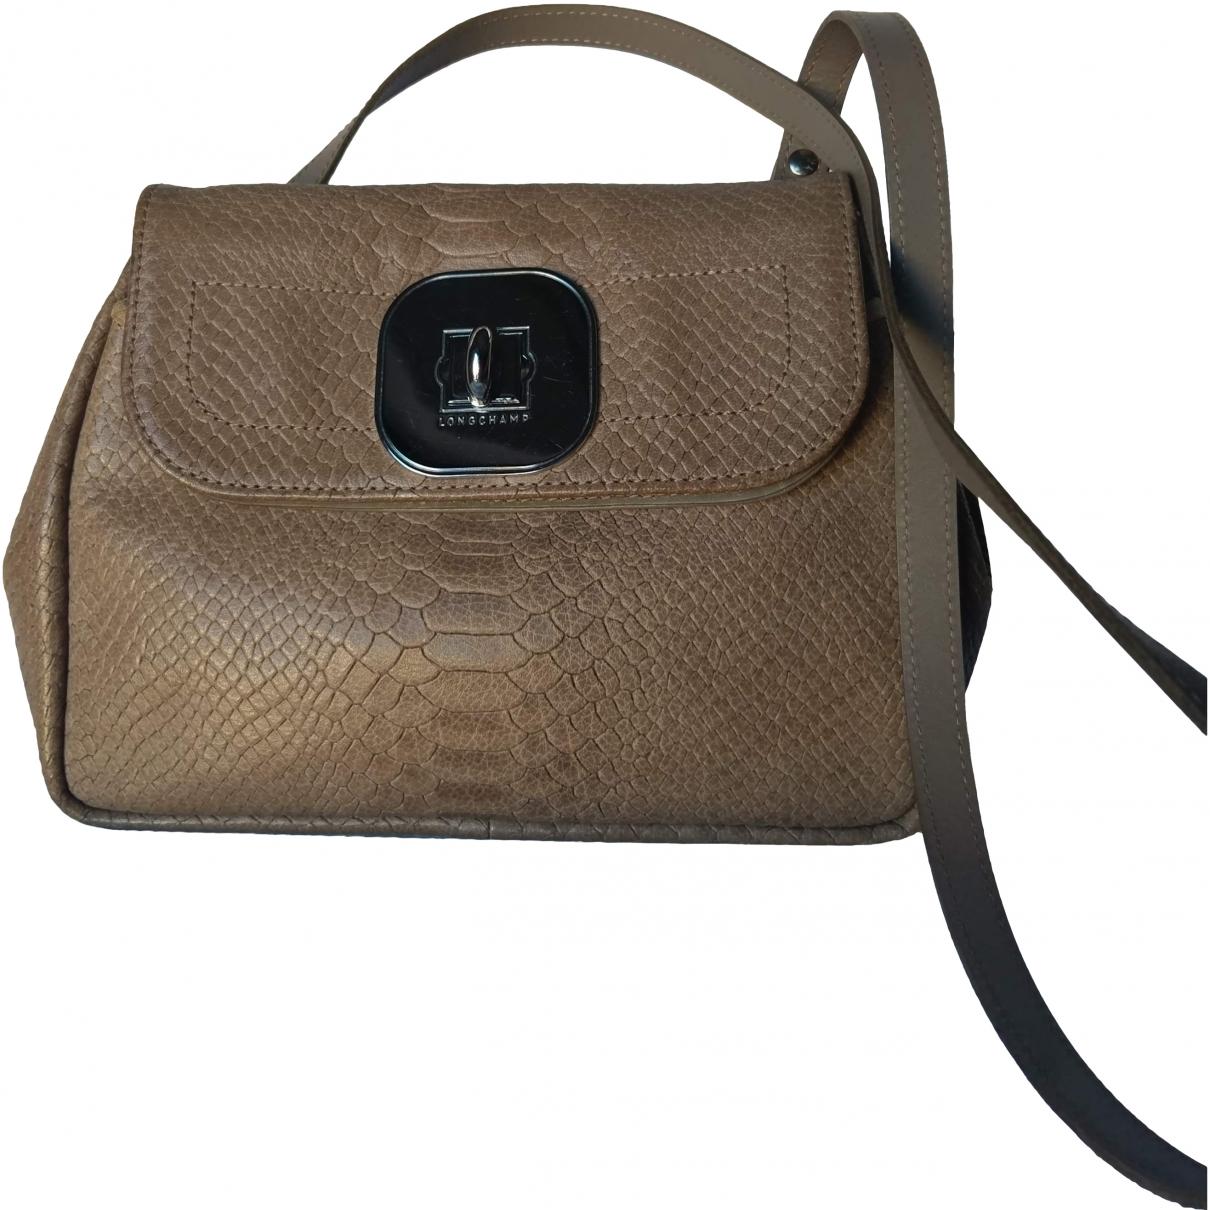 Longchamp \N Beige Leather handbag for Women \N